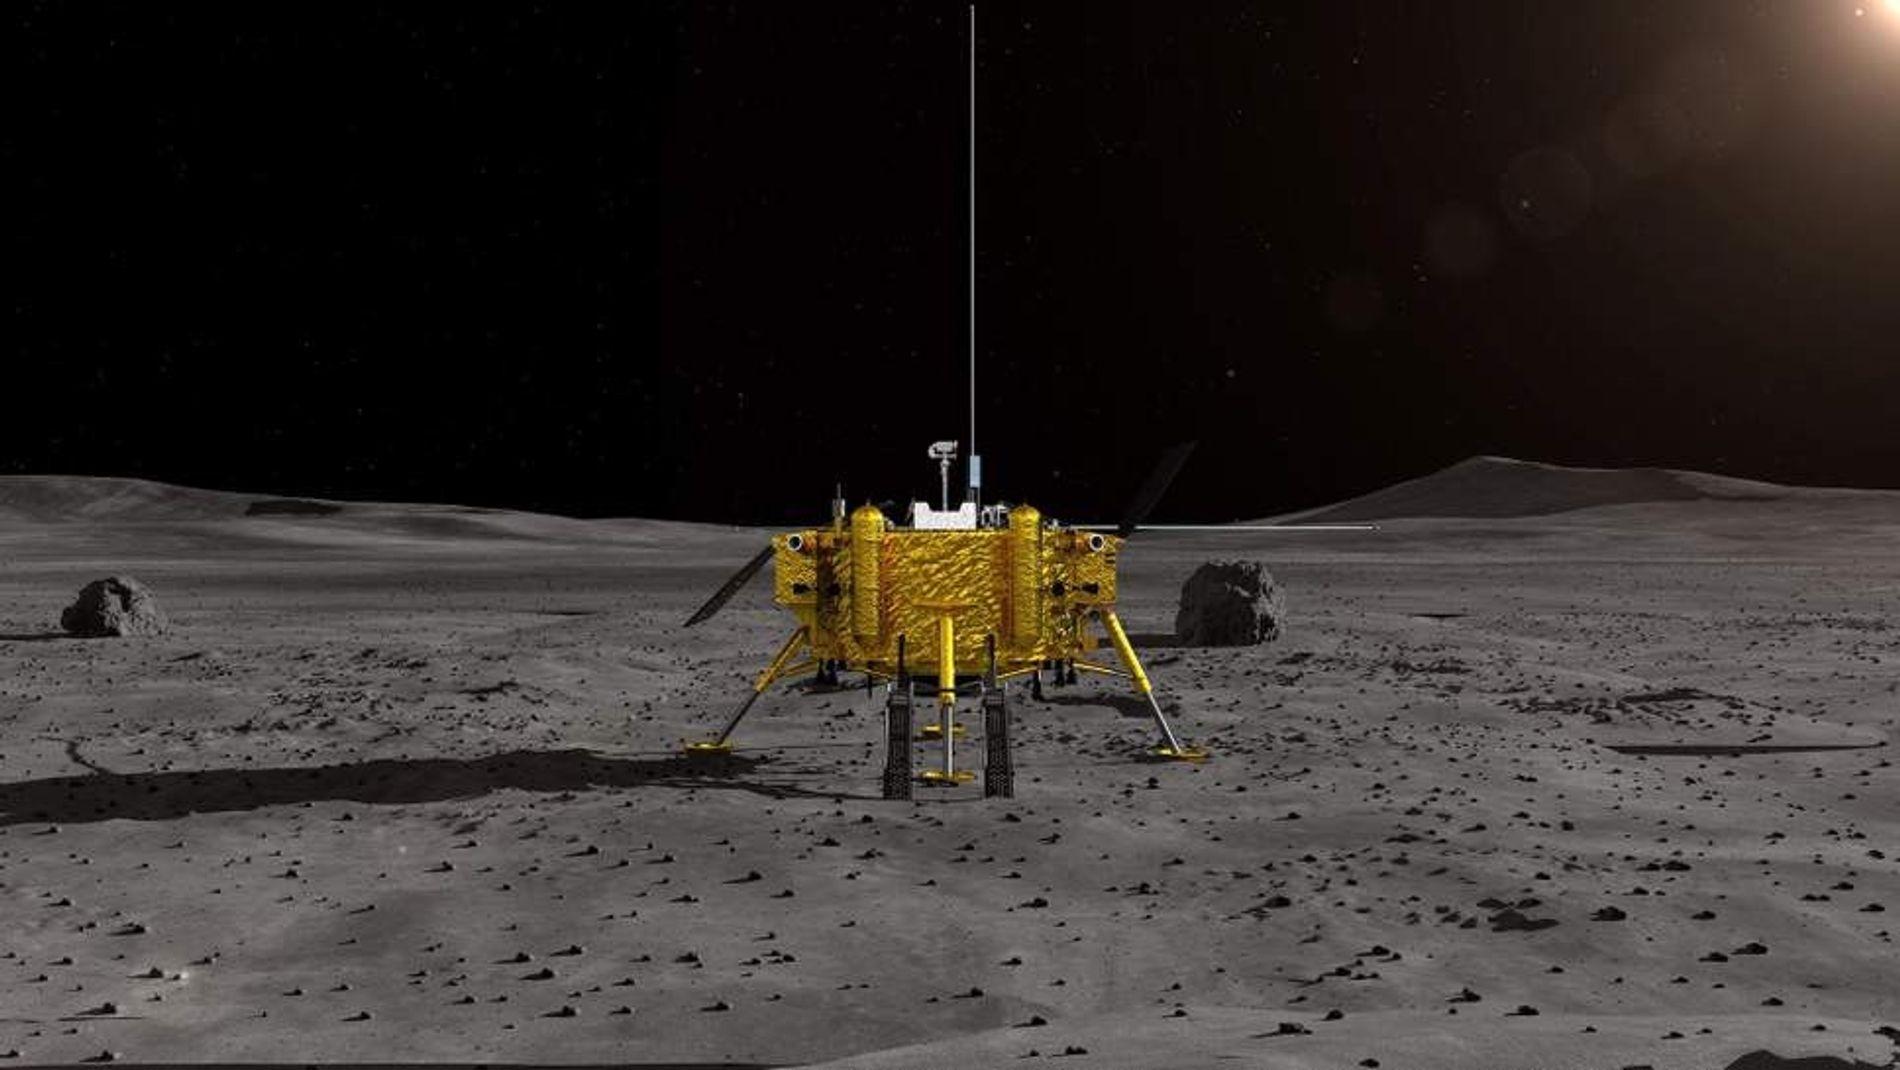 Vue d'artiste de l'Administration spatiale nationale chinoise (CNSA) montrant la sonde lunaire chinoise Chang'e-4. Le vaisseau spatial est le premier à se poser sans encombre de l'autre côté de la Lune.